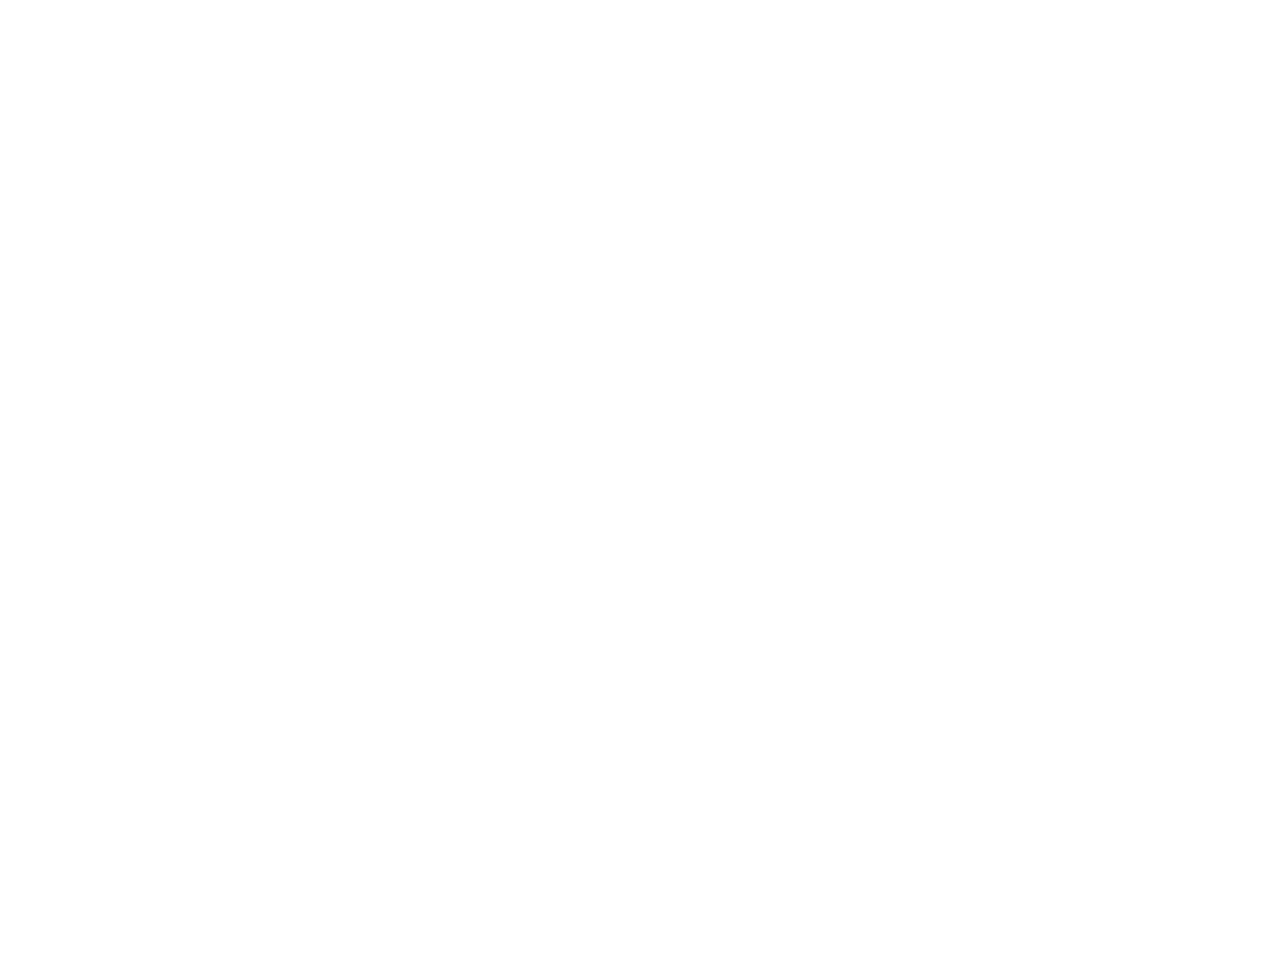 侠侣亲子 - 城市家庭首选的亲子生活消费电商平台!亲子去哪玩,欢乐侠侣团!